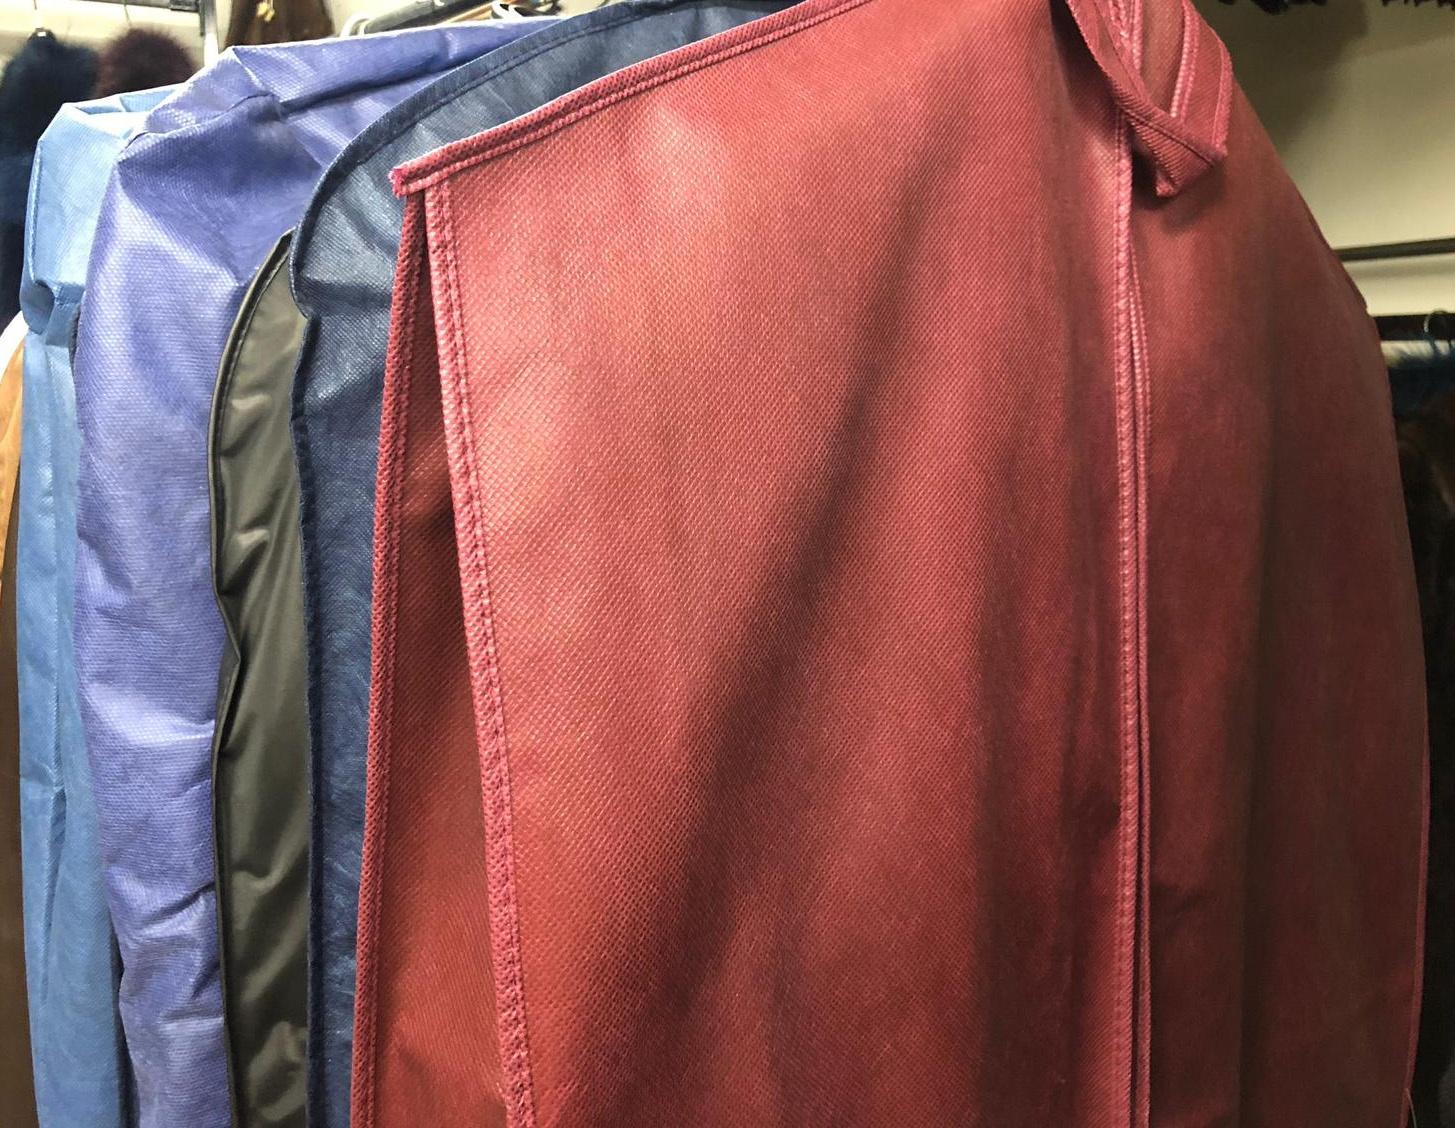 Consejos para conservar tu abrigo de piel como el primer día - Img 3